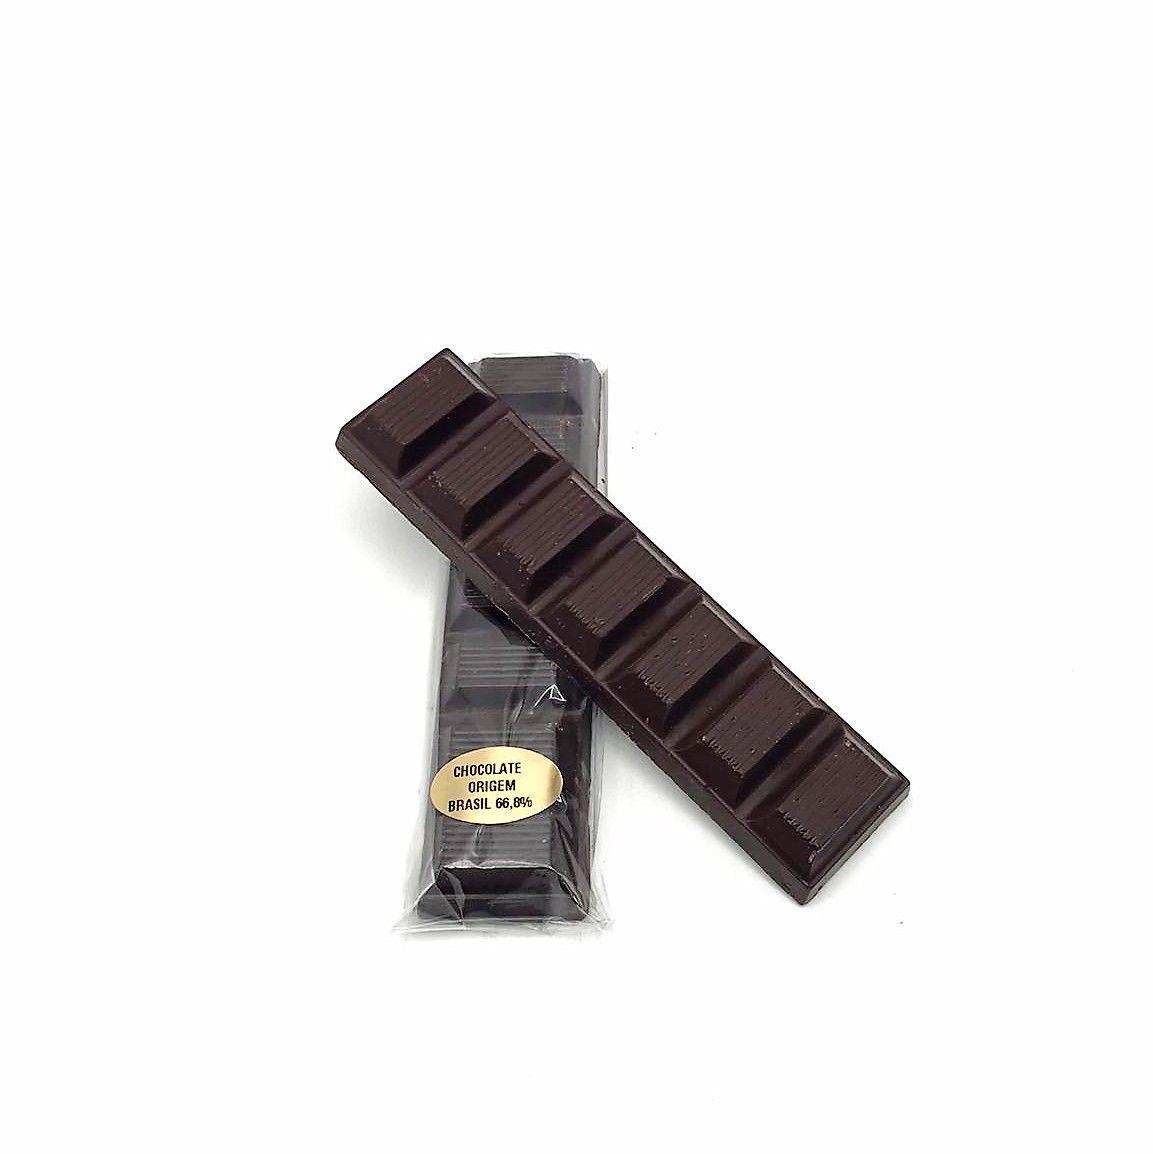 Barra de Chocolate Origem Brasil 66,8%